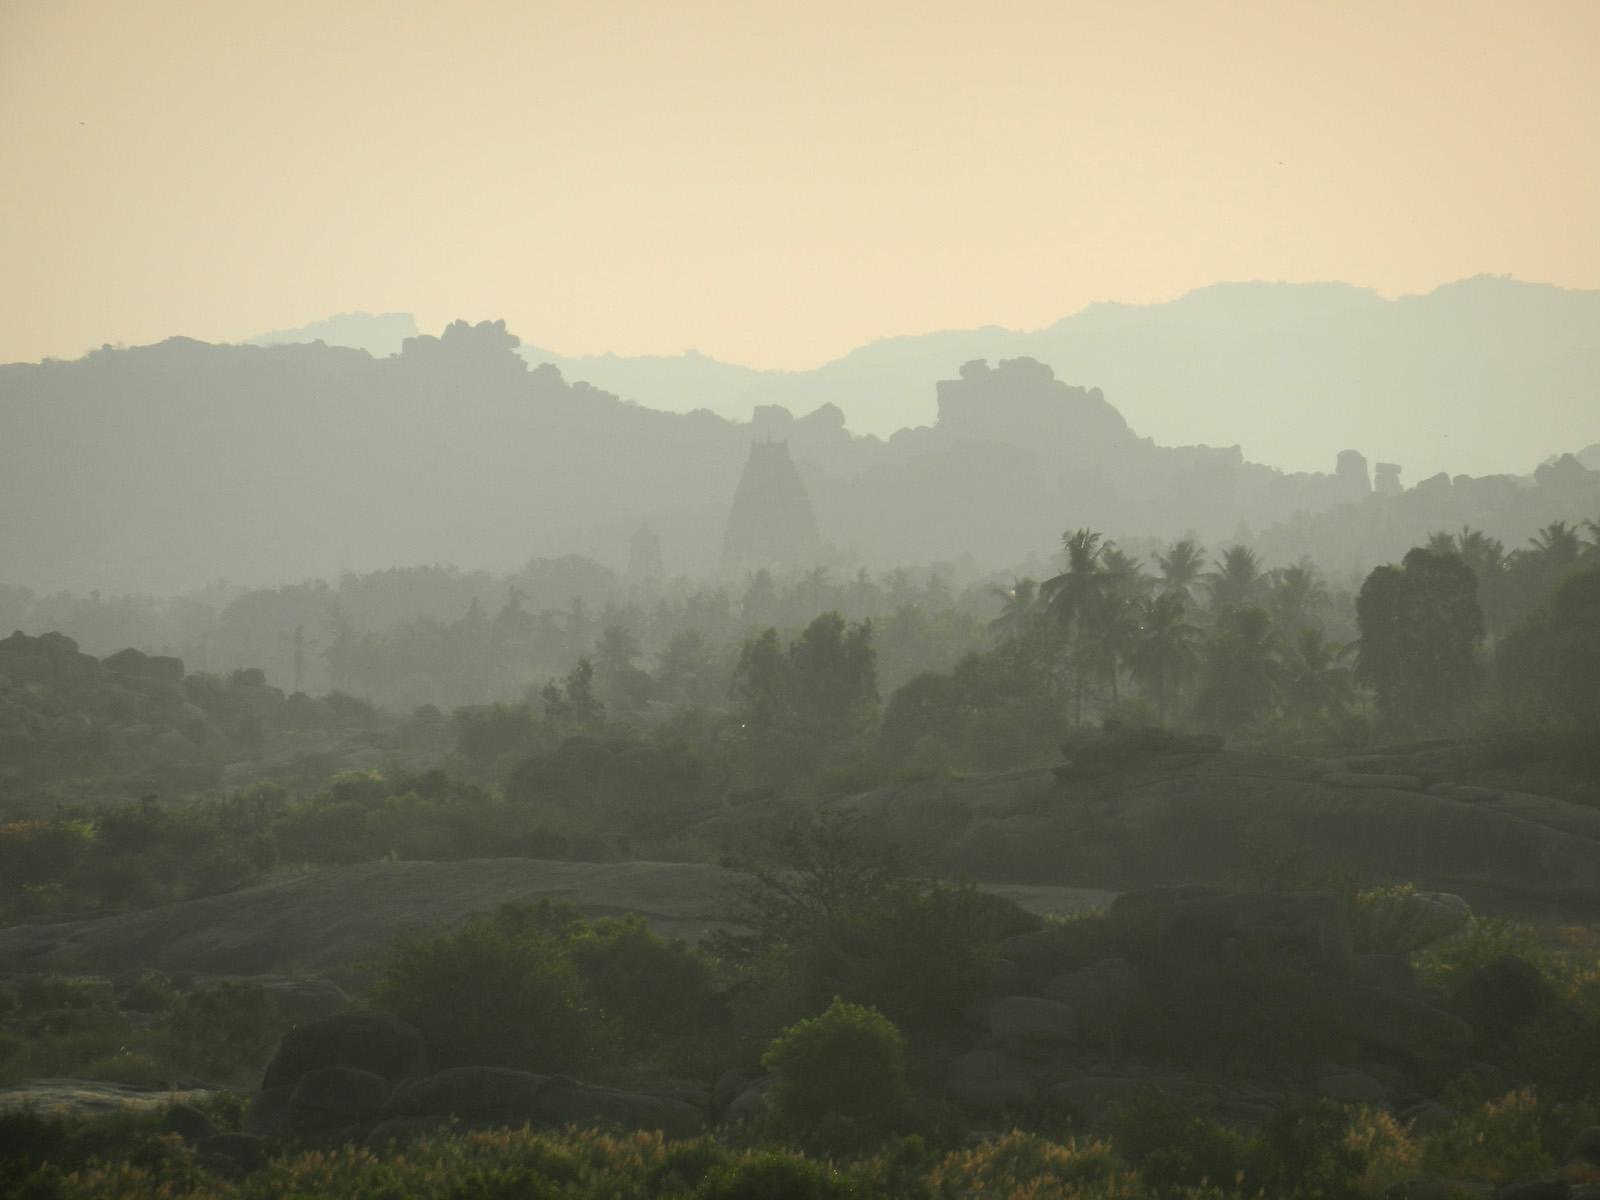 bouldereagleview